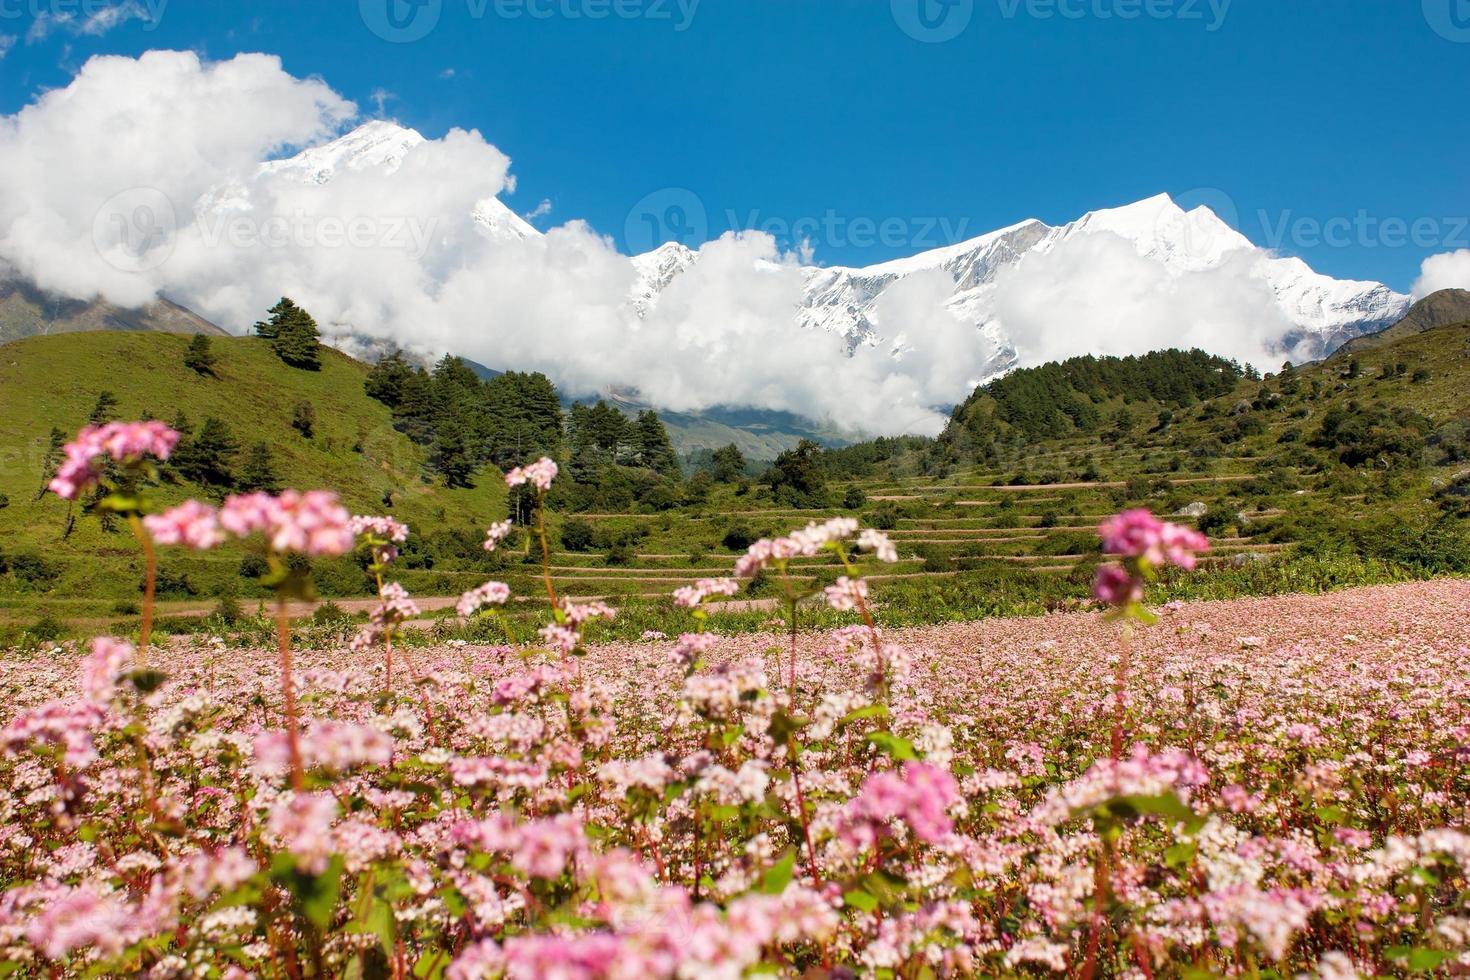 monte dhaulagiri com campo de trigo sarraceno foto